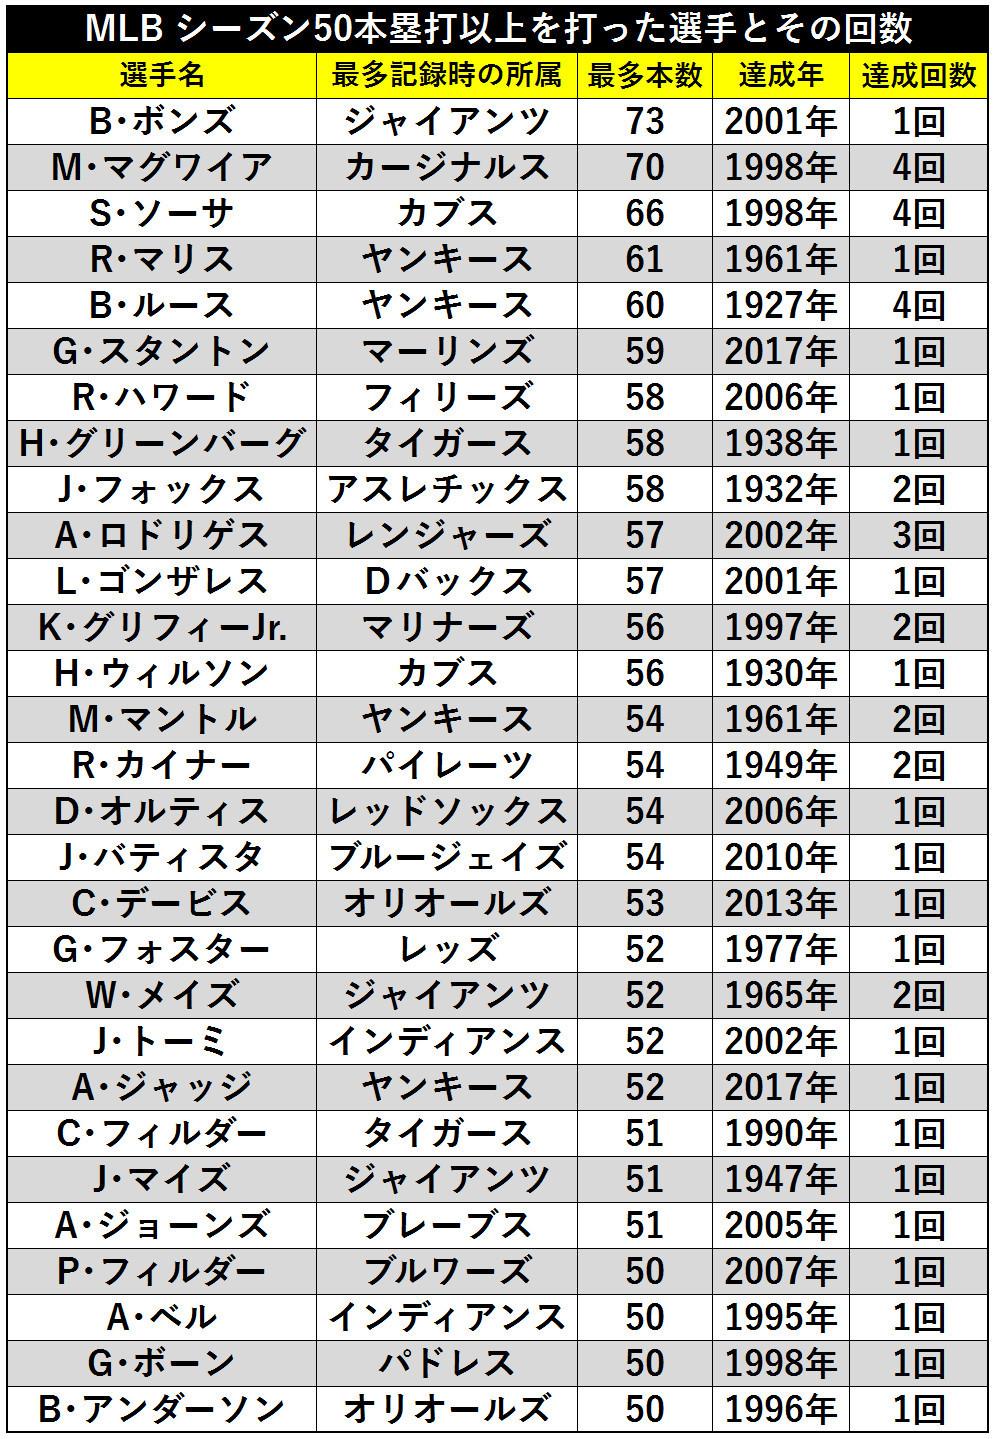 表1_MLB シーズン50本塁打以上を打った選手とその回数ⒸSPAIA